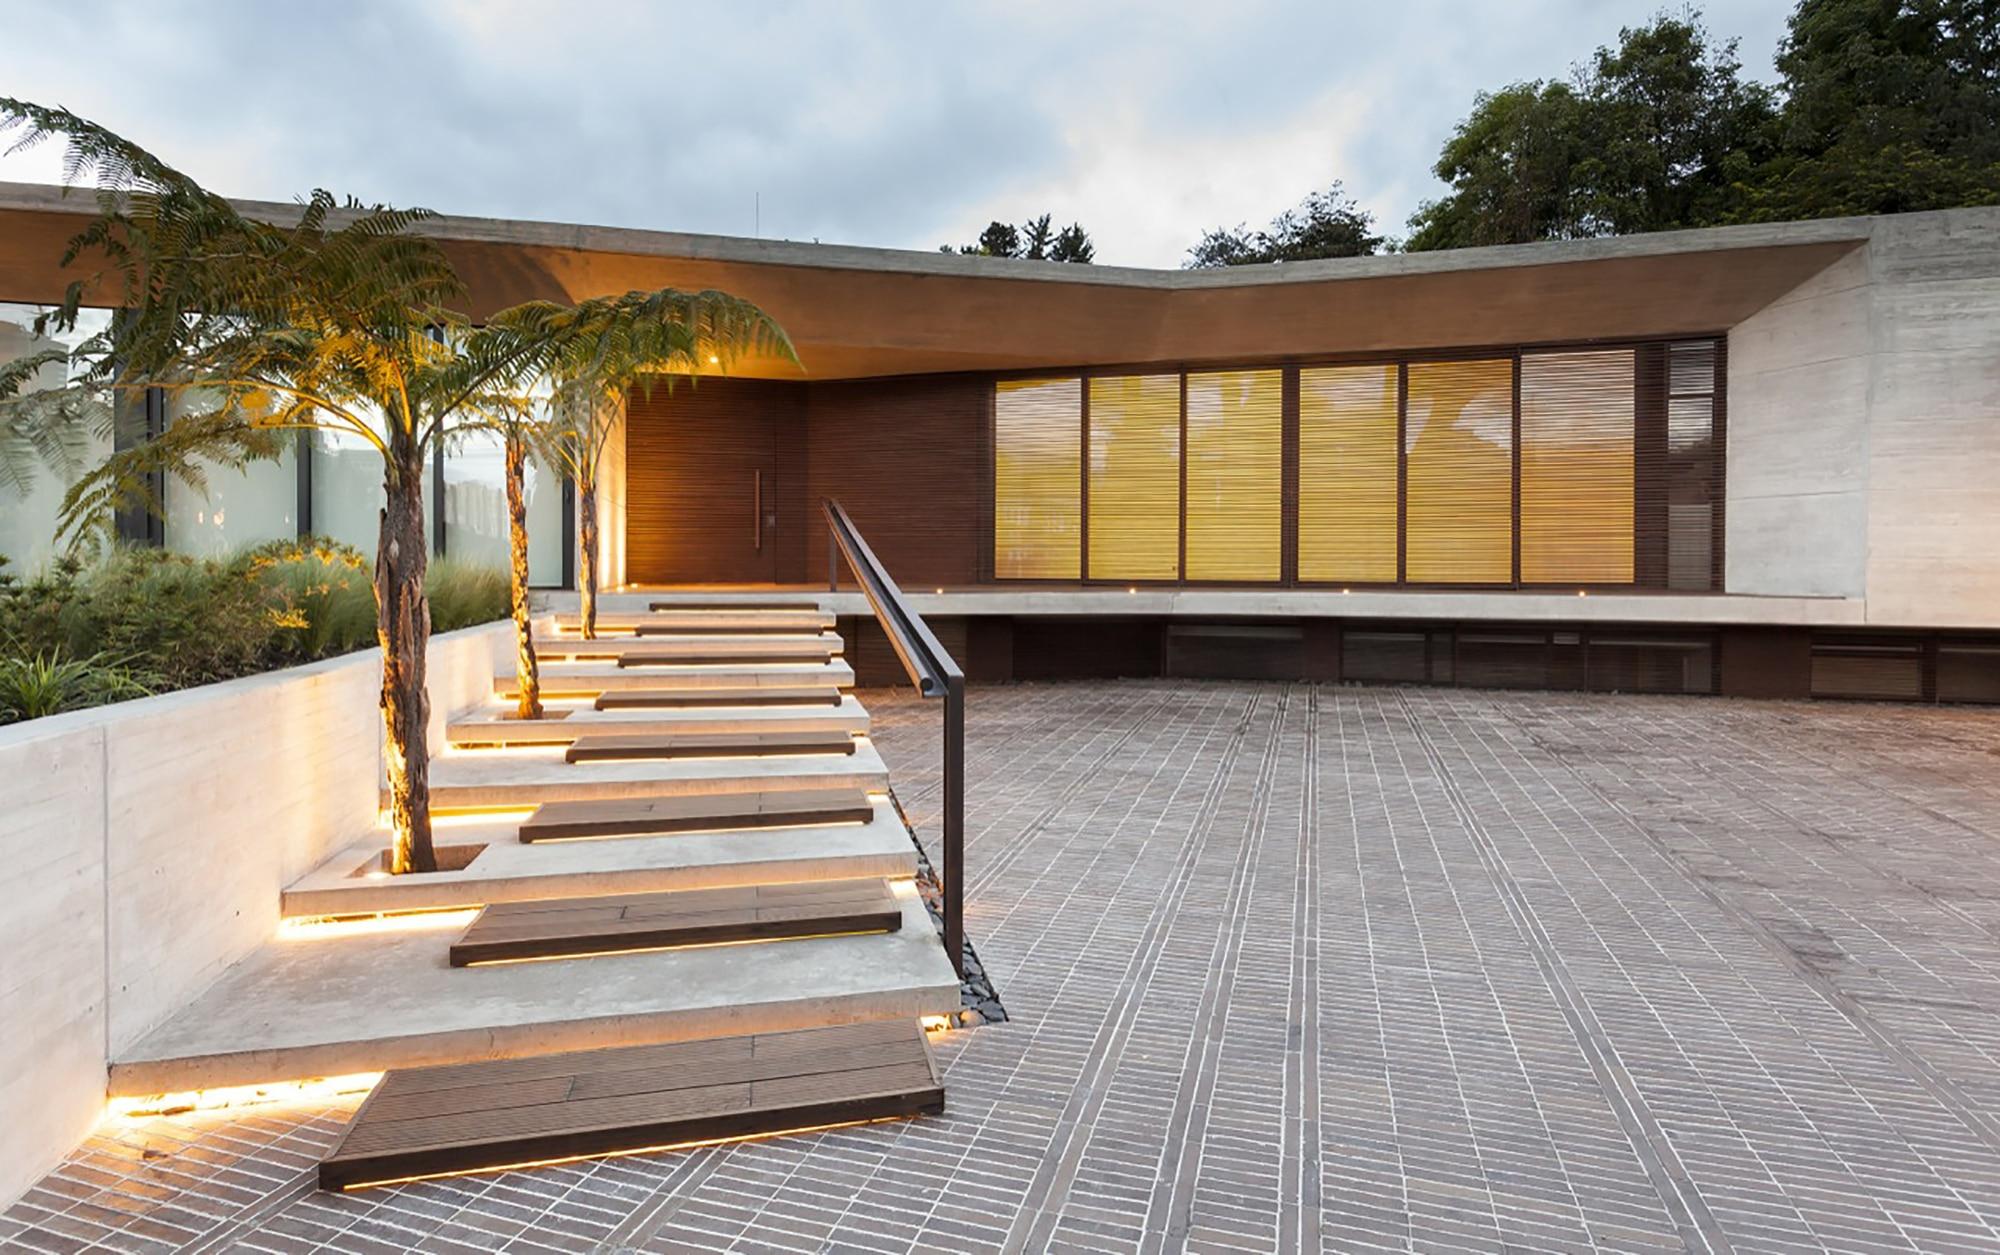 Moderno dise o casa de un piso con planos construye hogar for Casa moderna de un piso grande